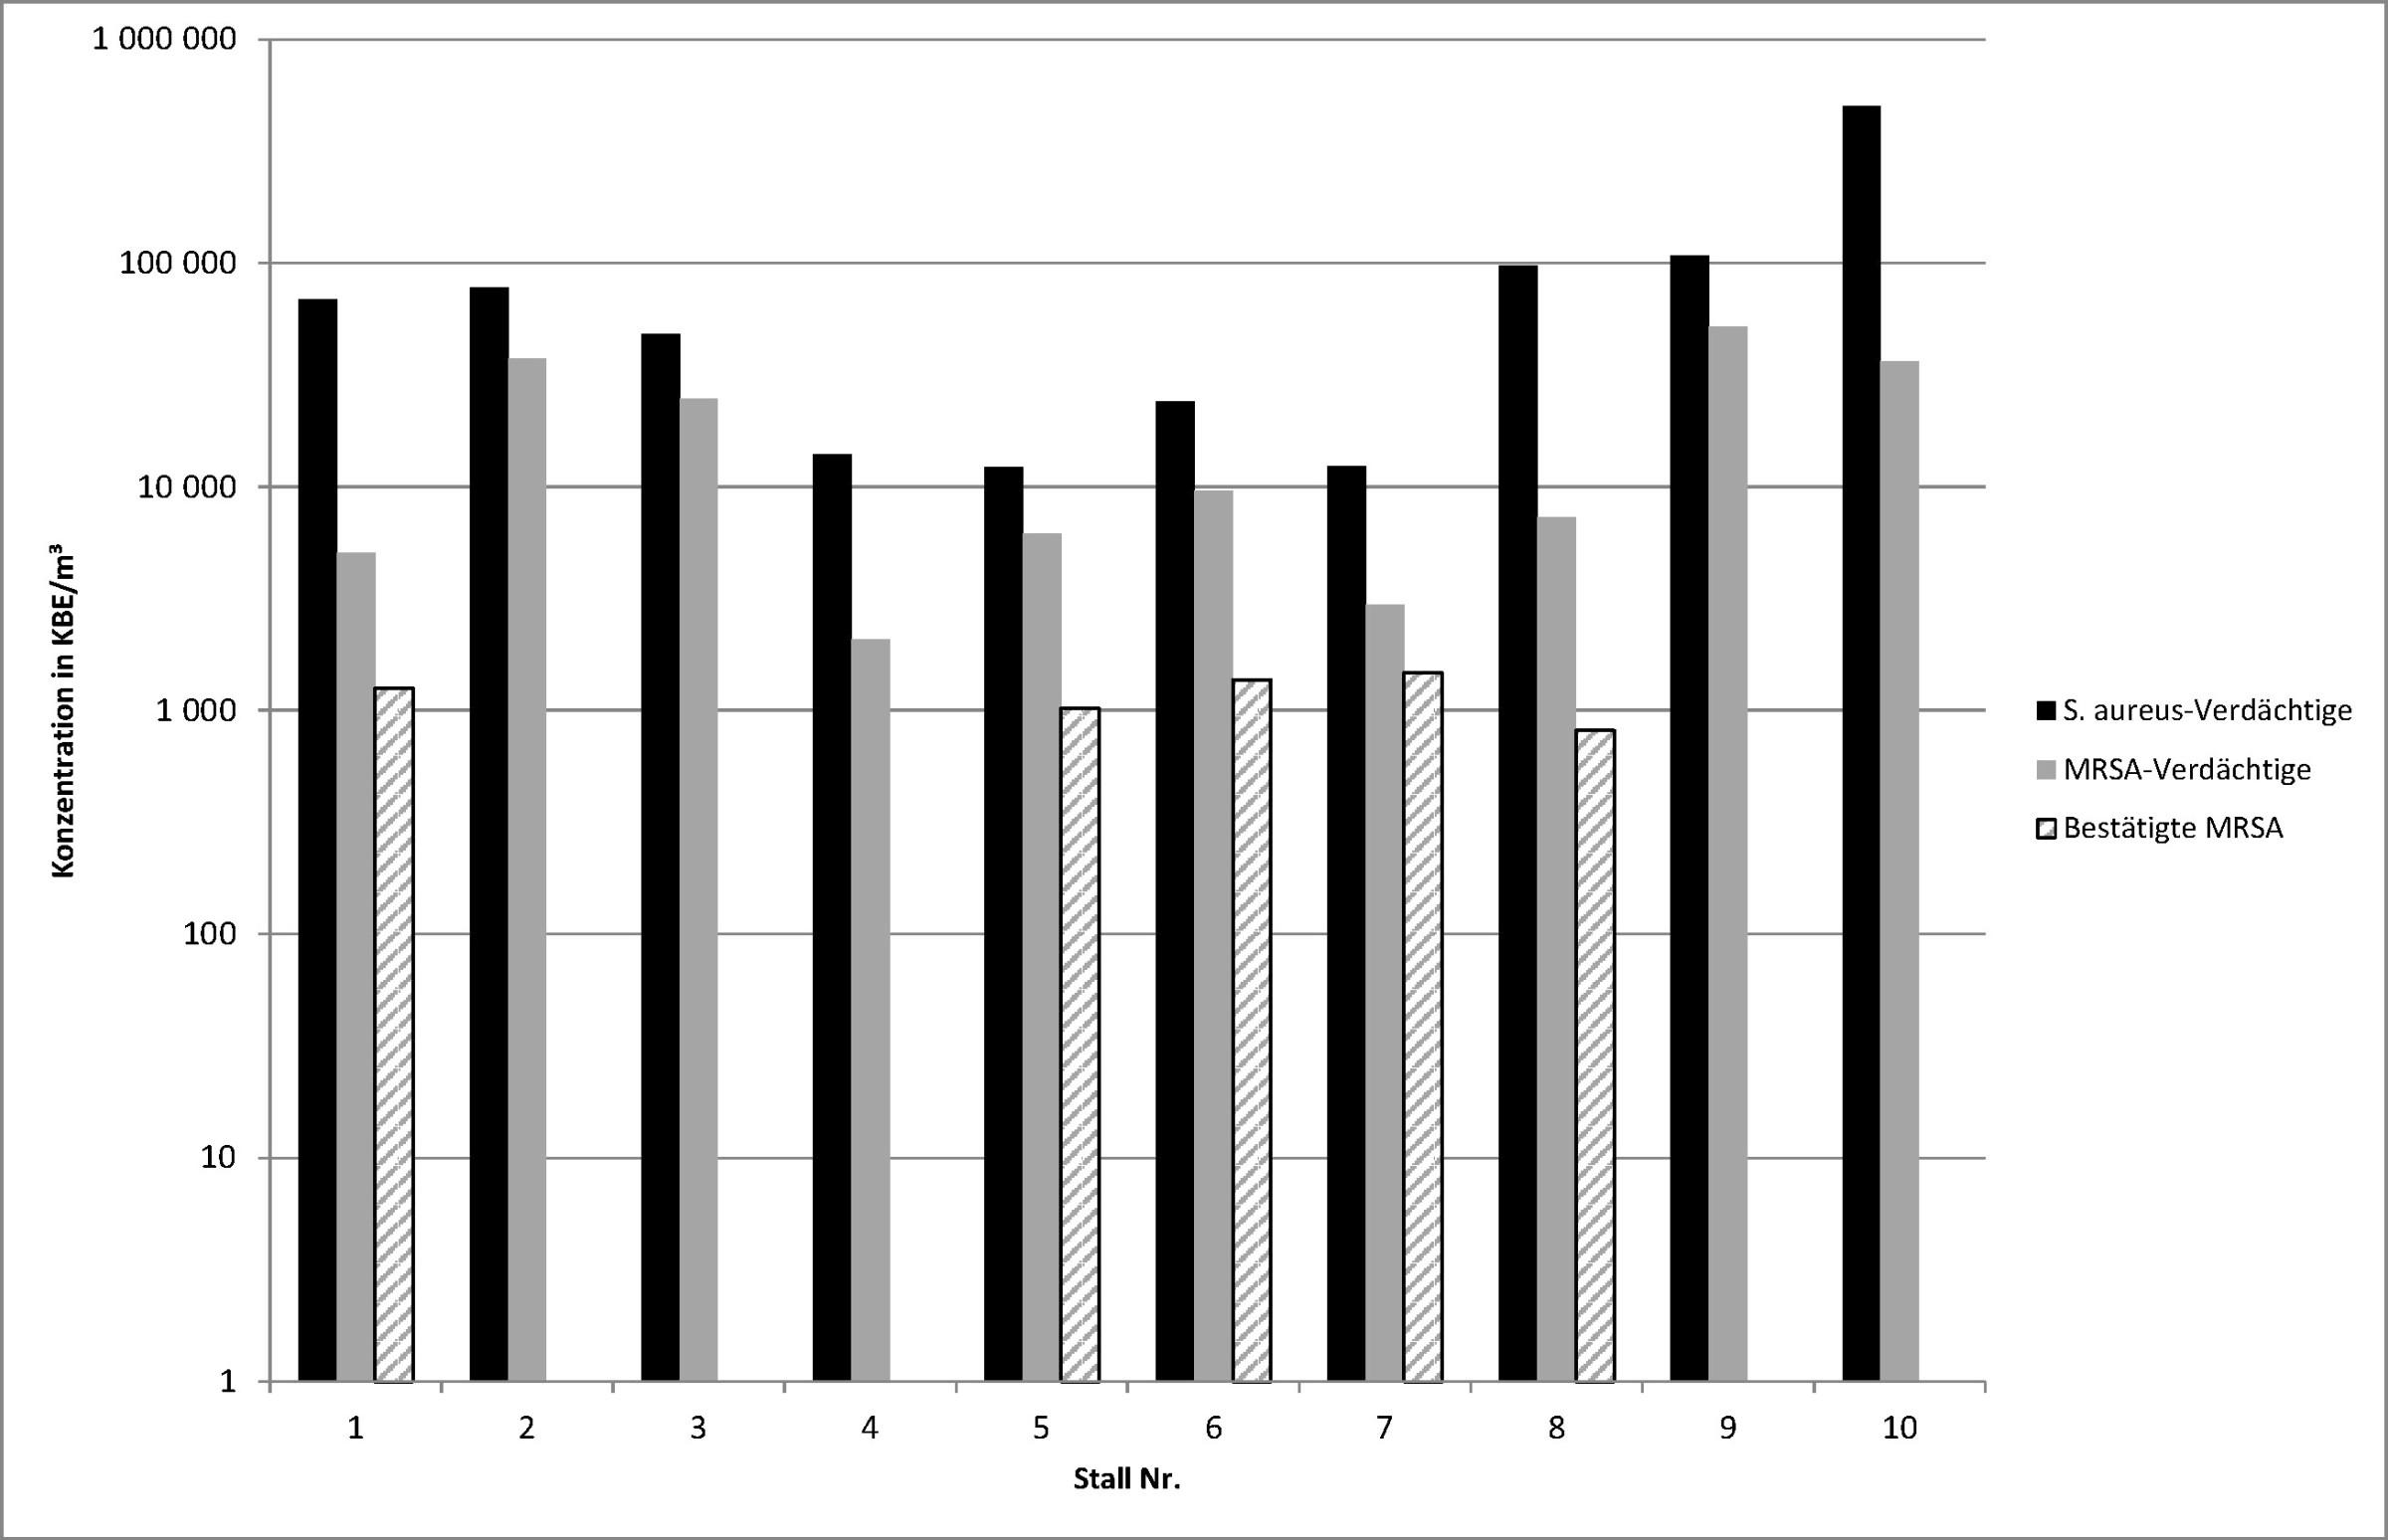 Konzentrationen in KBE/m3 verdächtiger Staphylococcus aureus, verdächtiger MRSA sowie bestätigter MRSA in den zehn untersuchten Ställen. Quelle: LaNuV NRW / BAuA